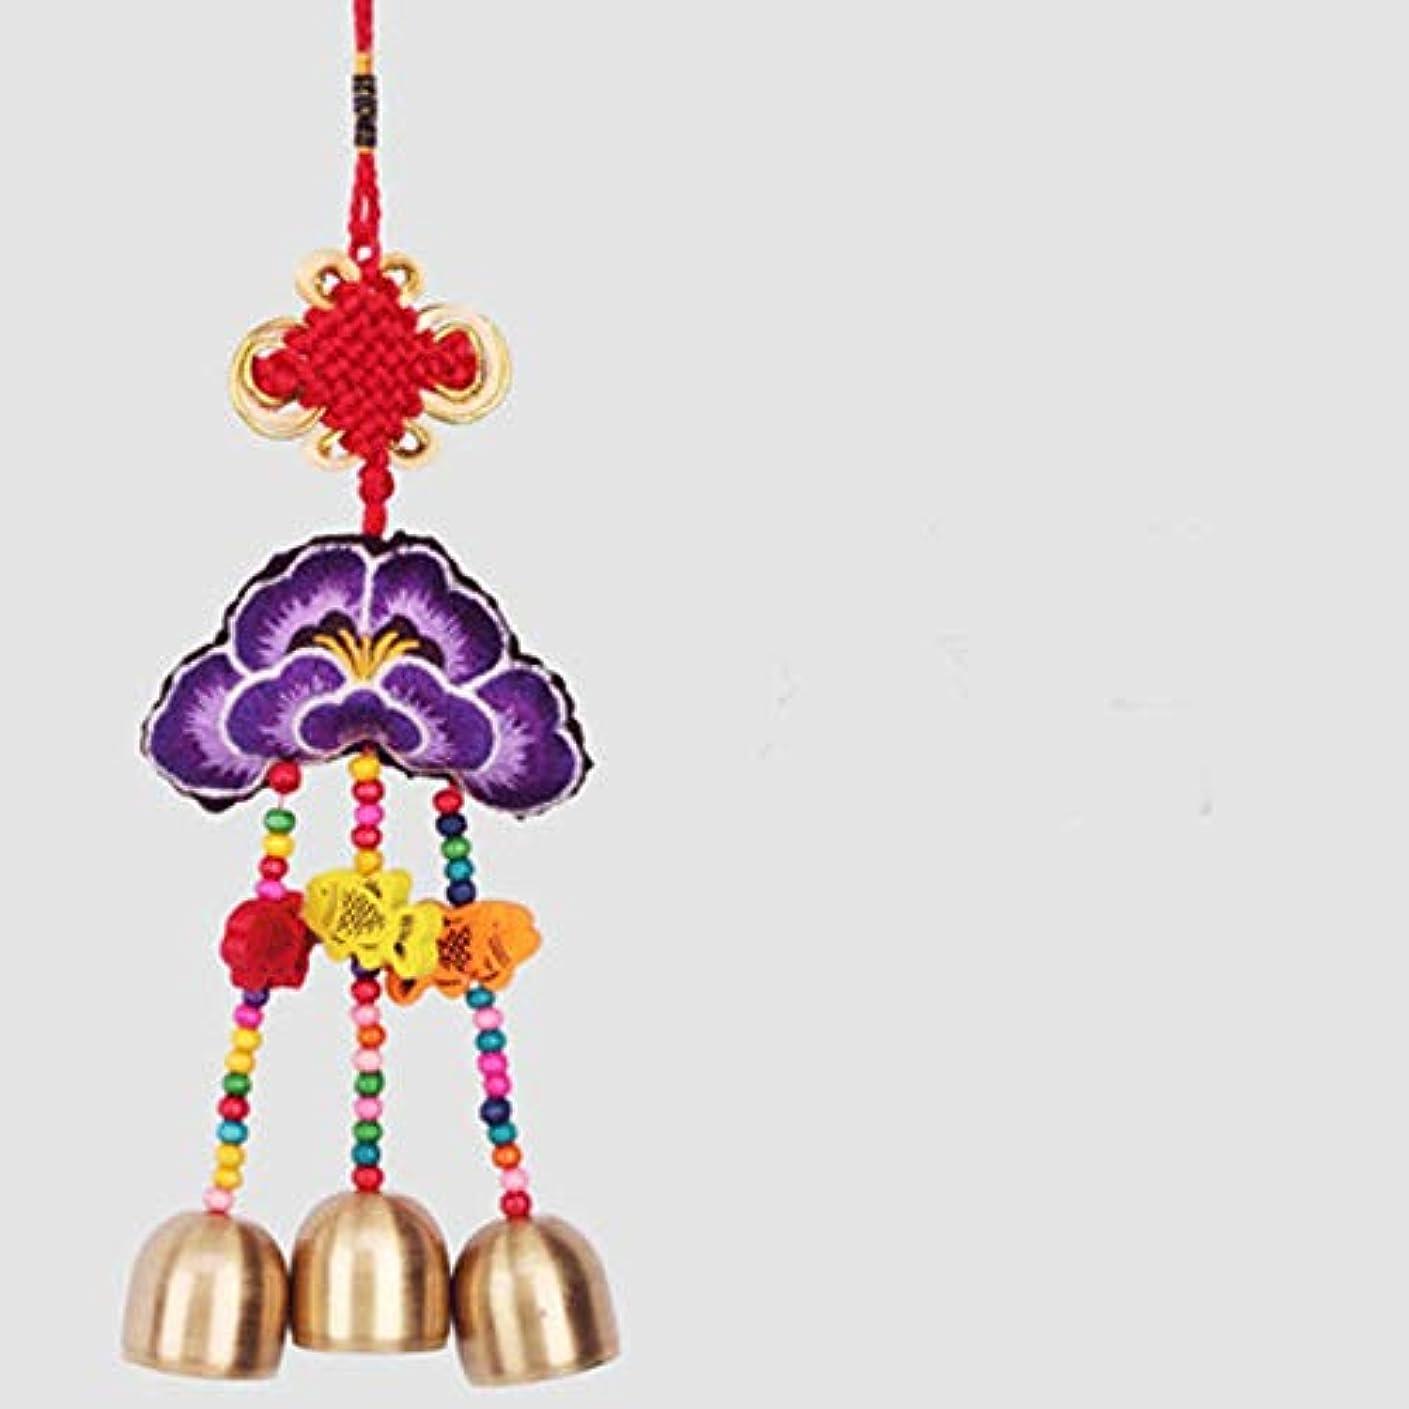 公使館筋細部Qiyuezhuangshi Small Wind Chimes、中華風刺繍工芸品、14スタイル、ワンピース,美しいホリデーギフト (Color : 6)